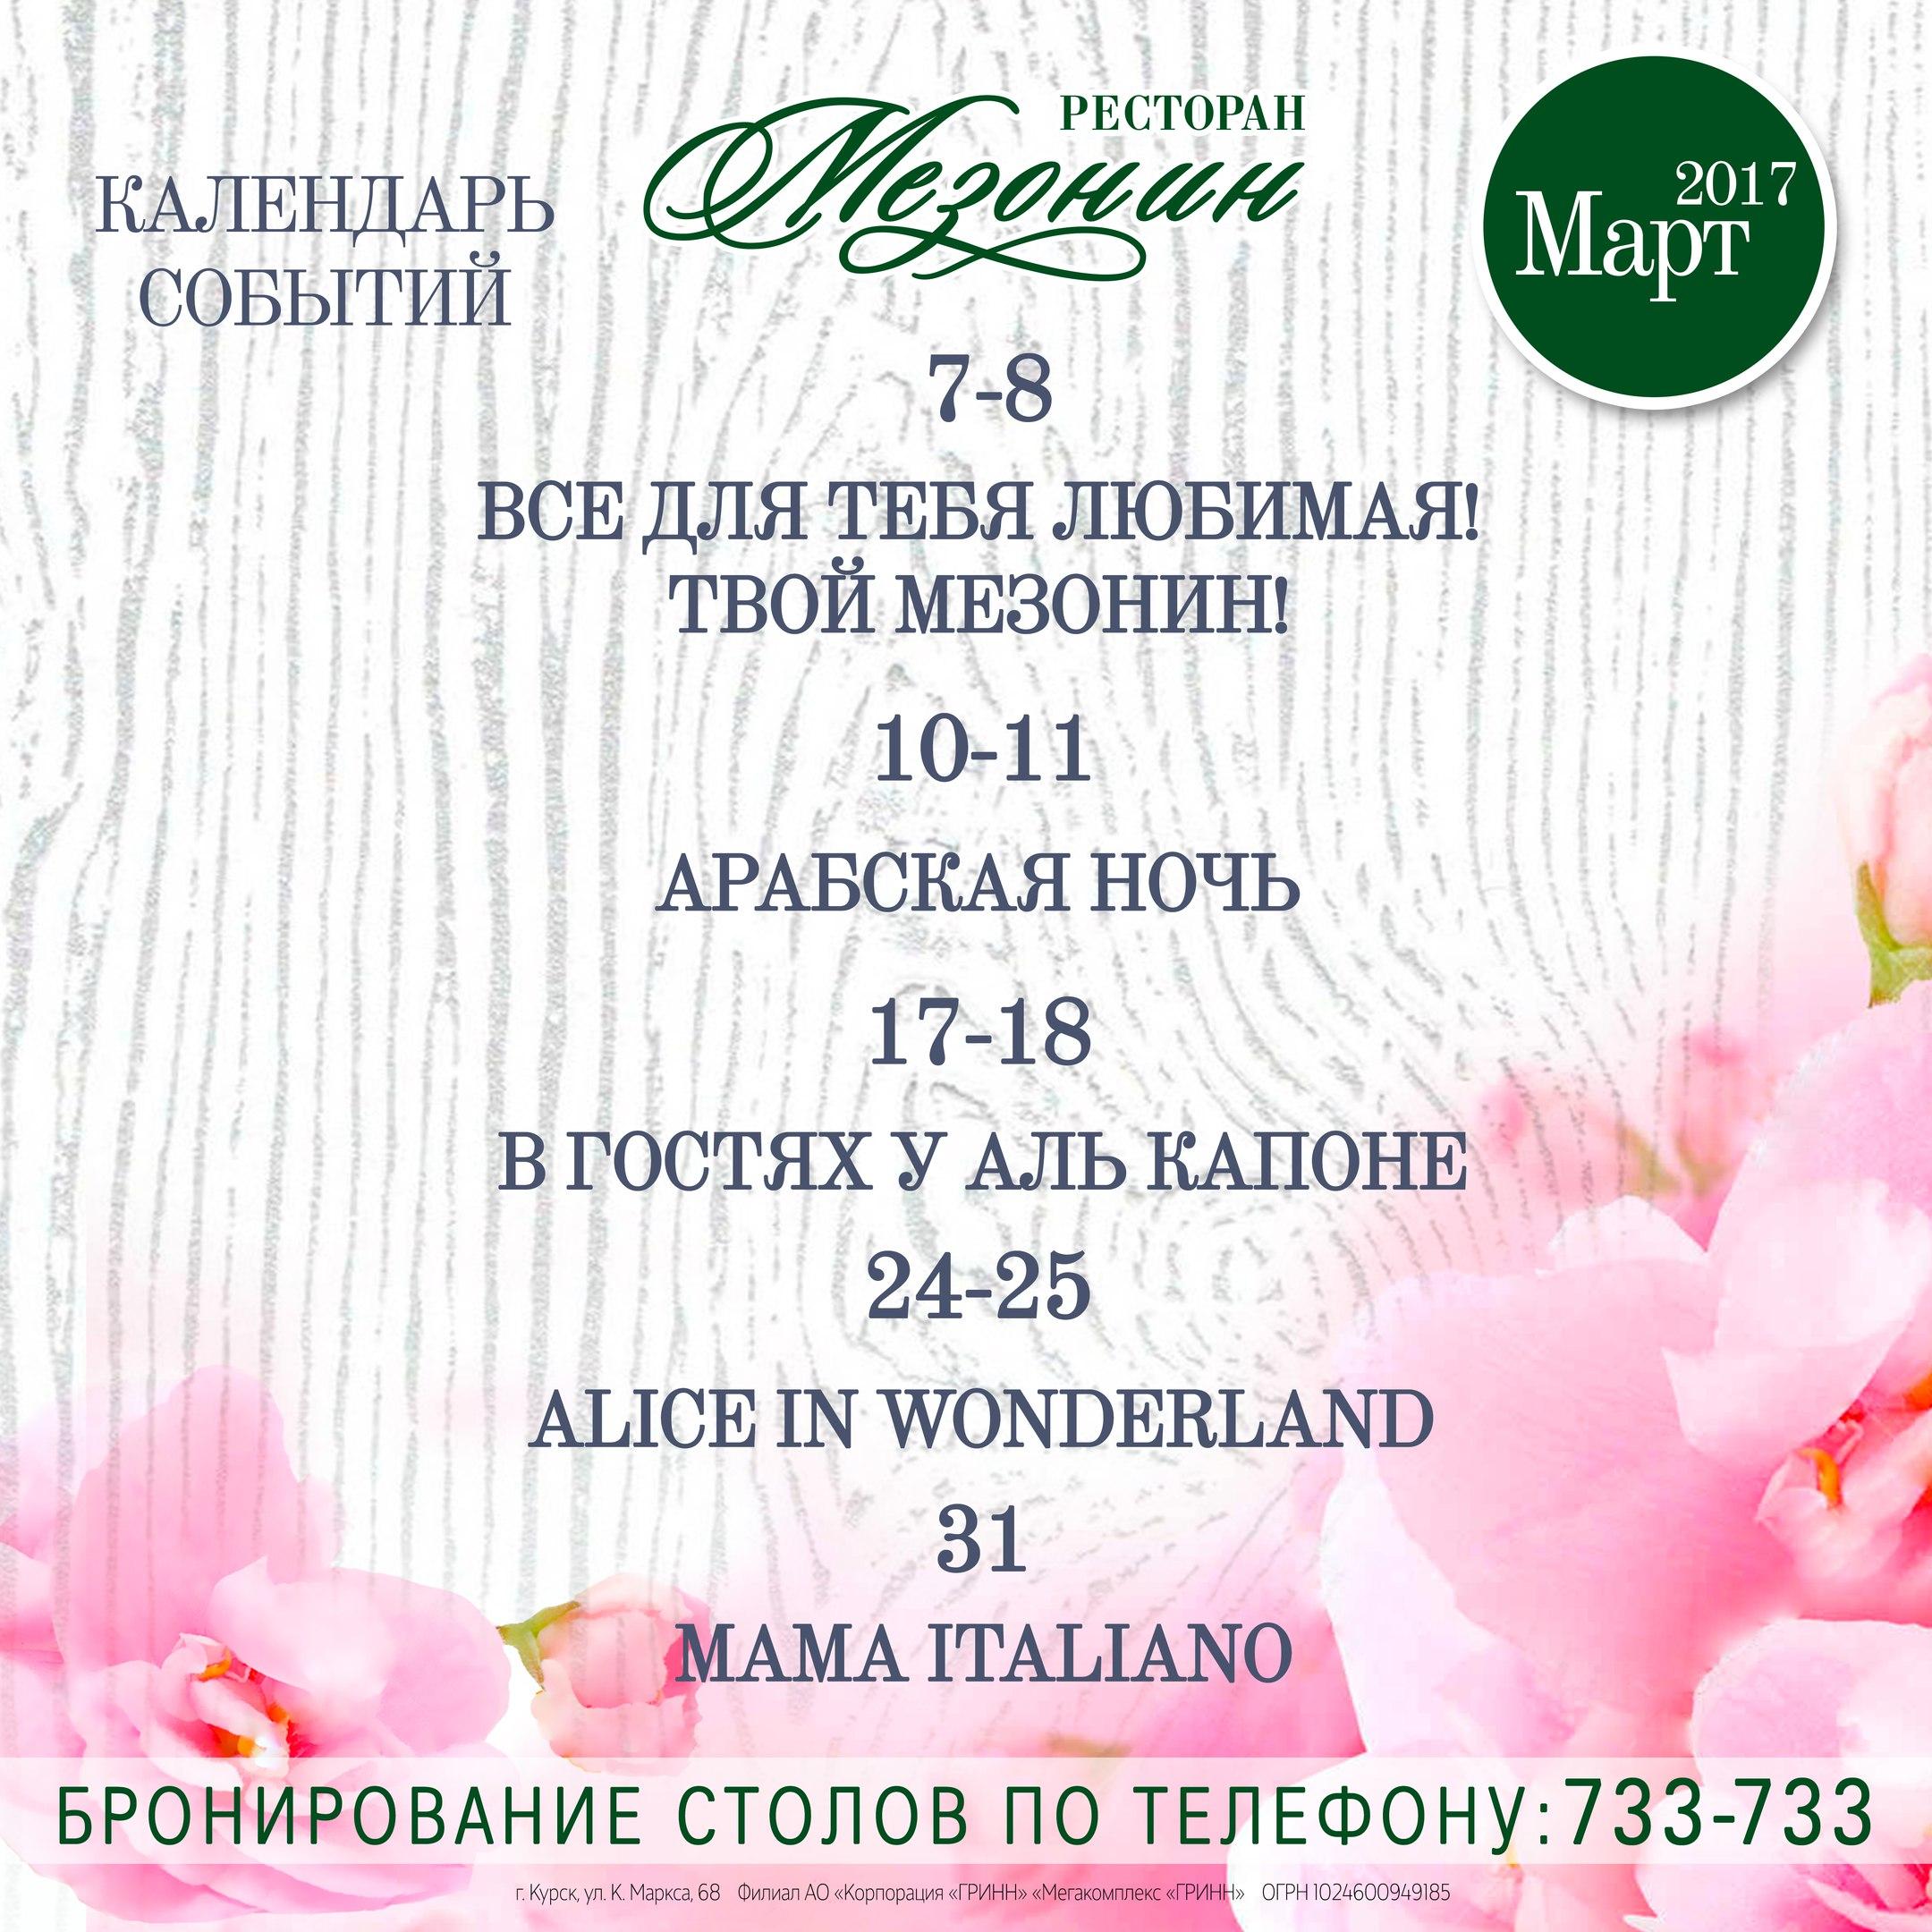 Календарь событий в Мезонин. Панорамный ресторан Мезонин - лучший модный стильный популярный ресторан Курска. Вкусно поесть в Курске